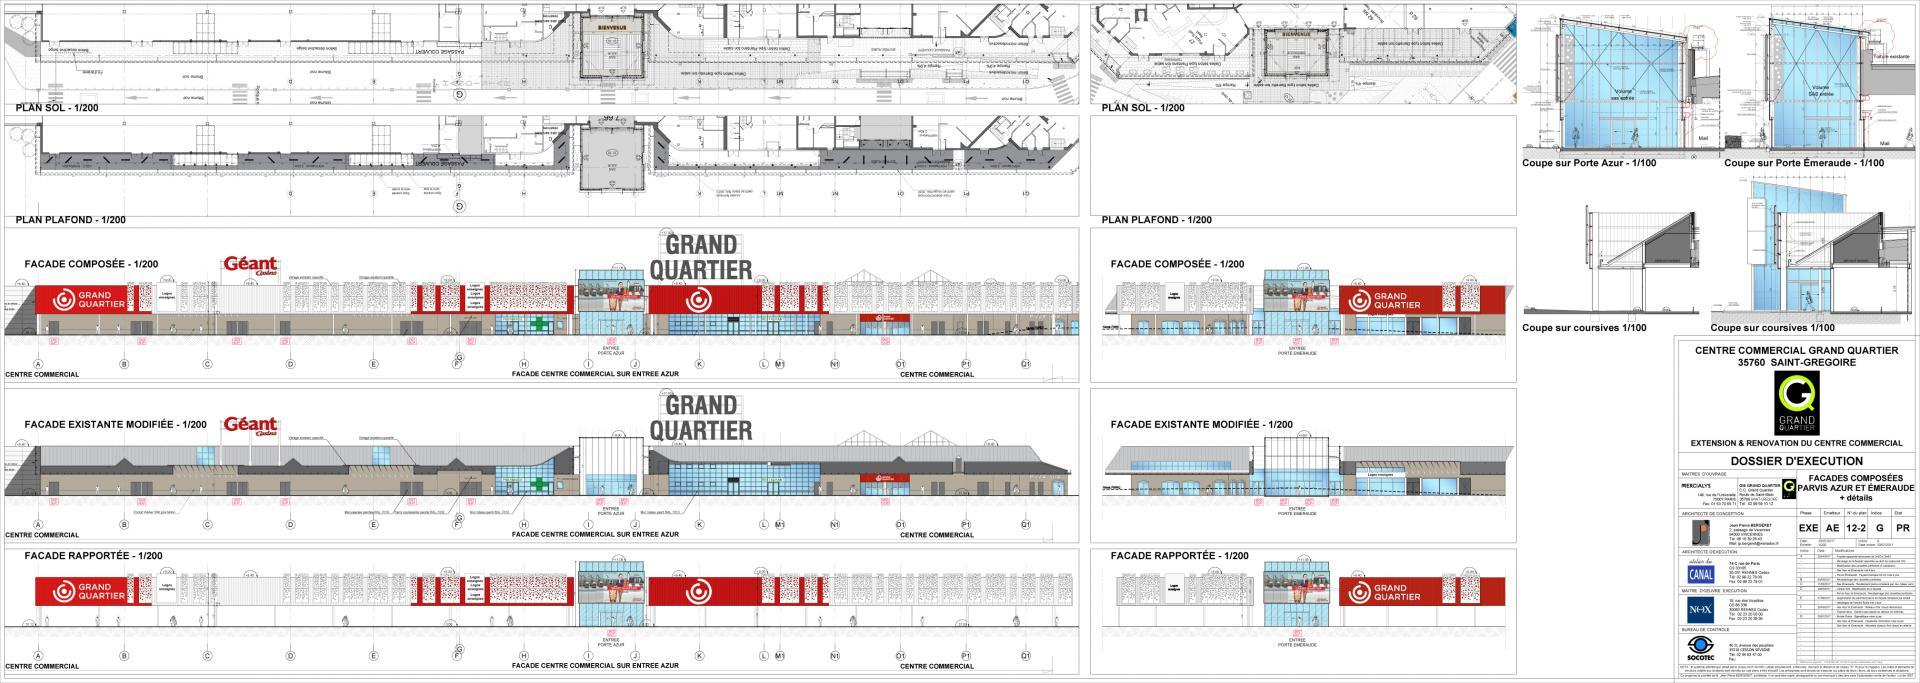 Adc cas 12 2 pr facades composees